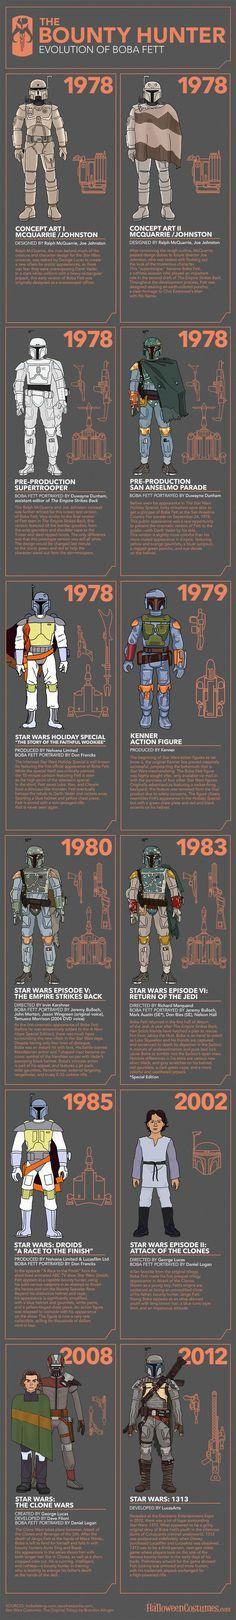 The Bounty Hunter Evolution of Boba Fett #Infographic #StarWars #Entertainment